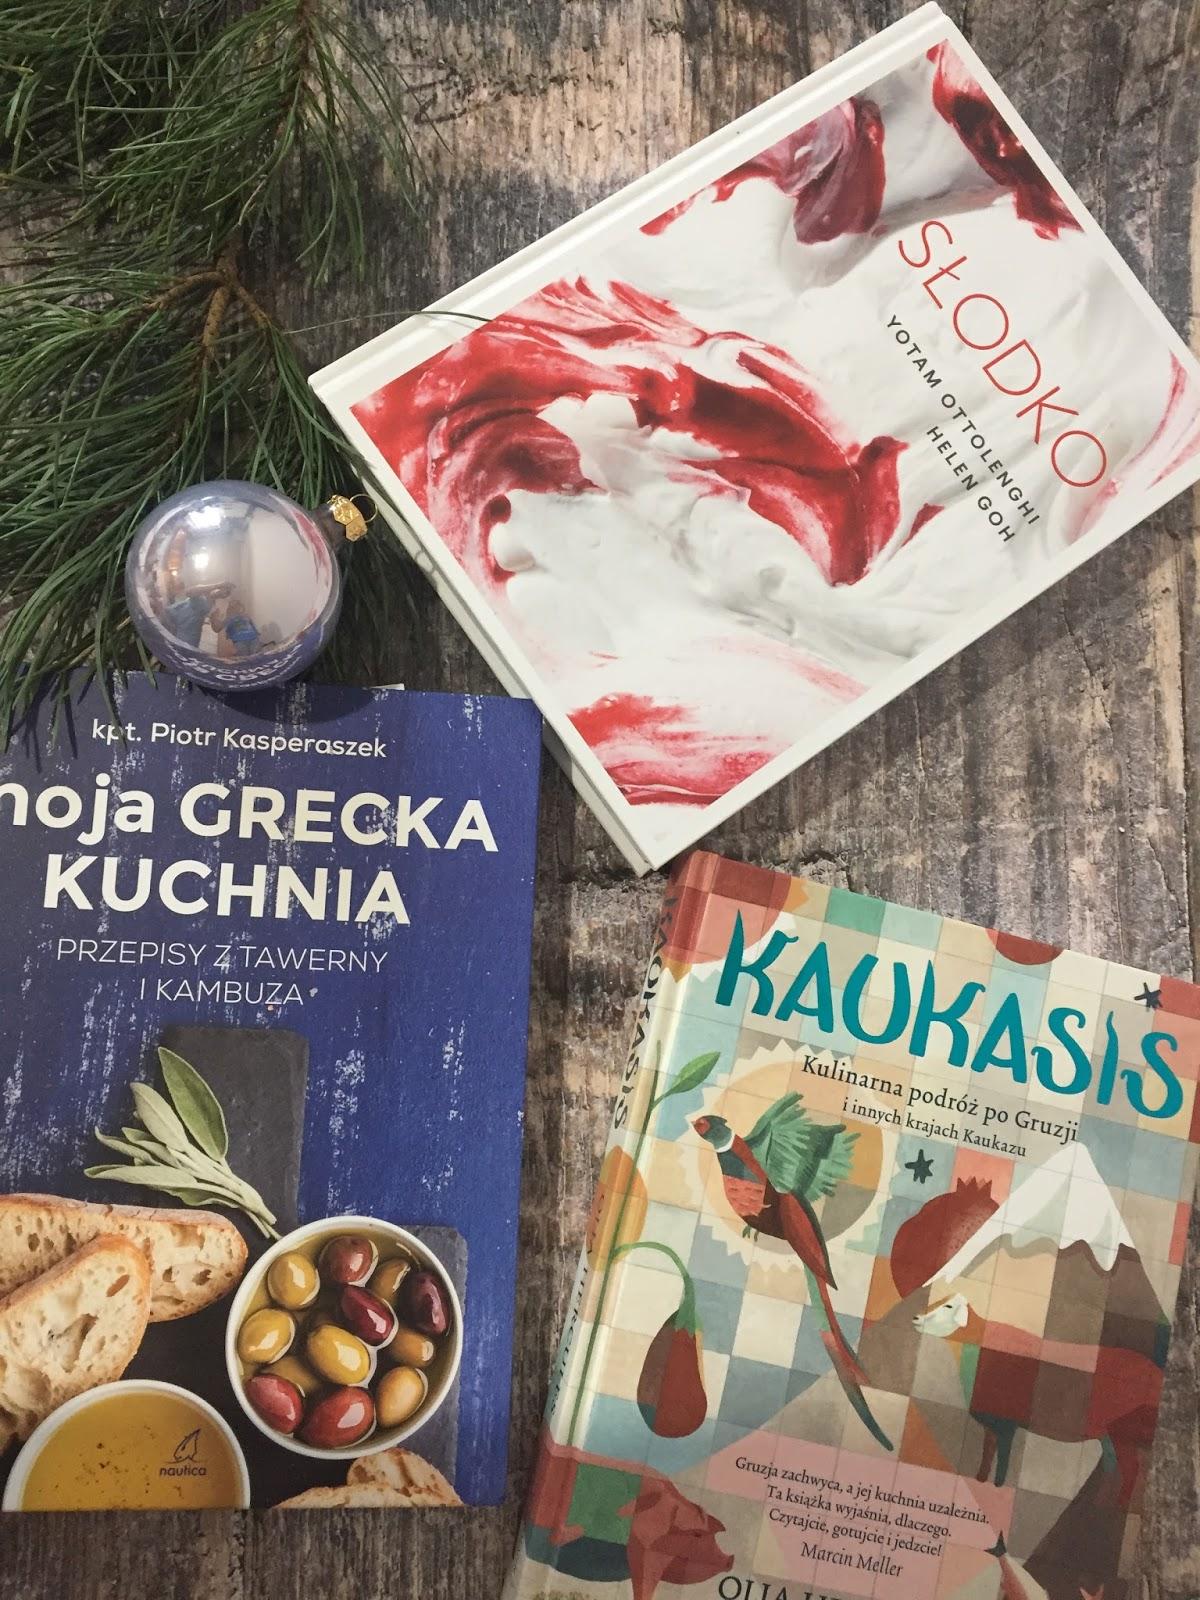 łakomym Okiem 3 Najlepsze Książki Kucharskie 2017 Roku3